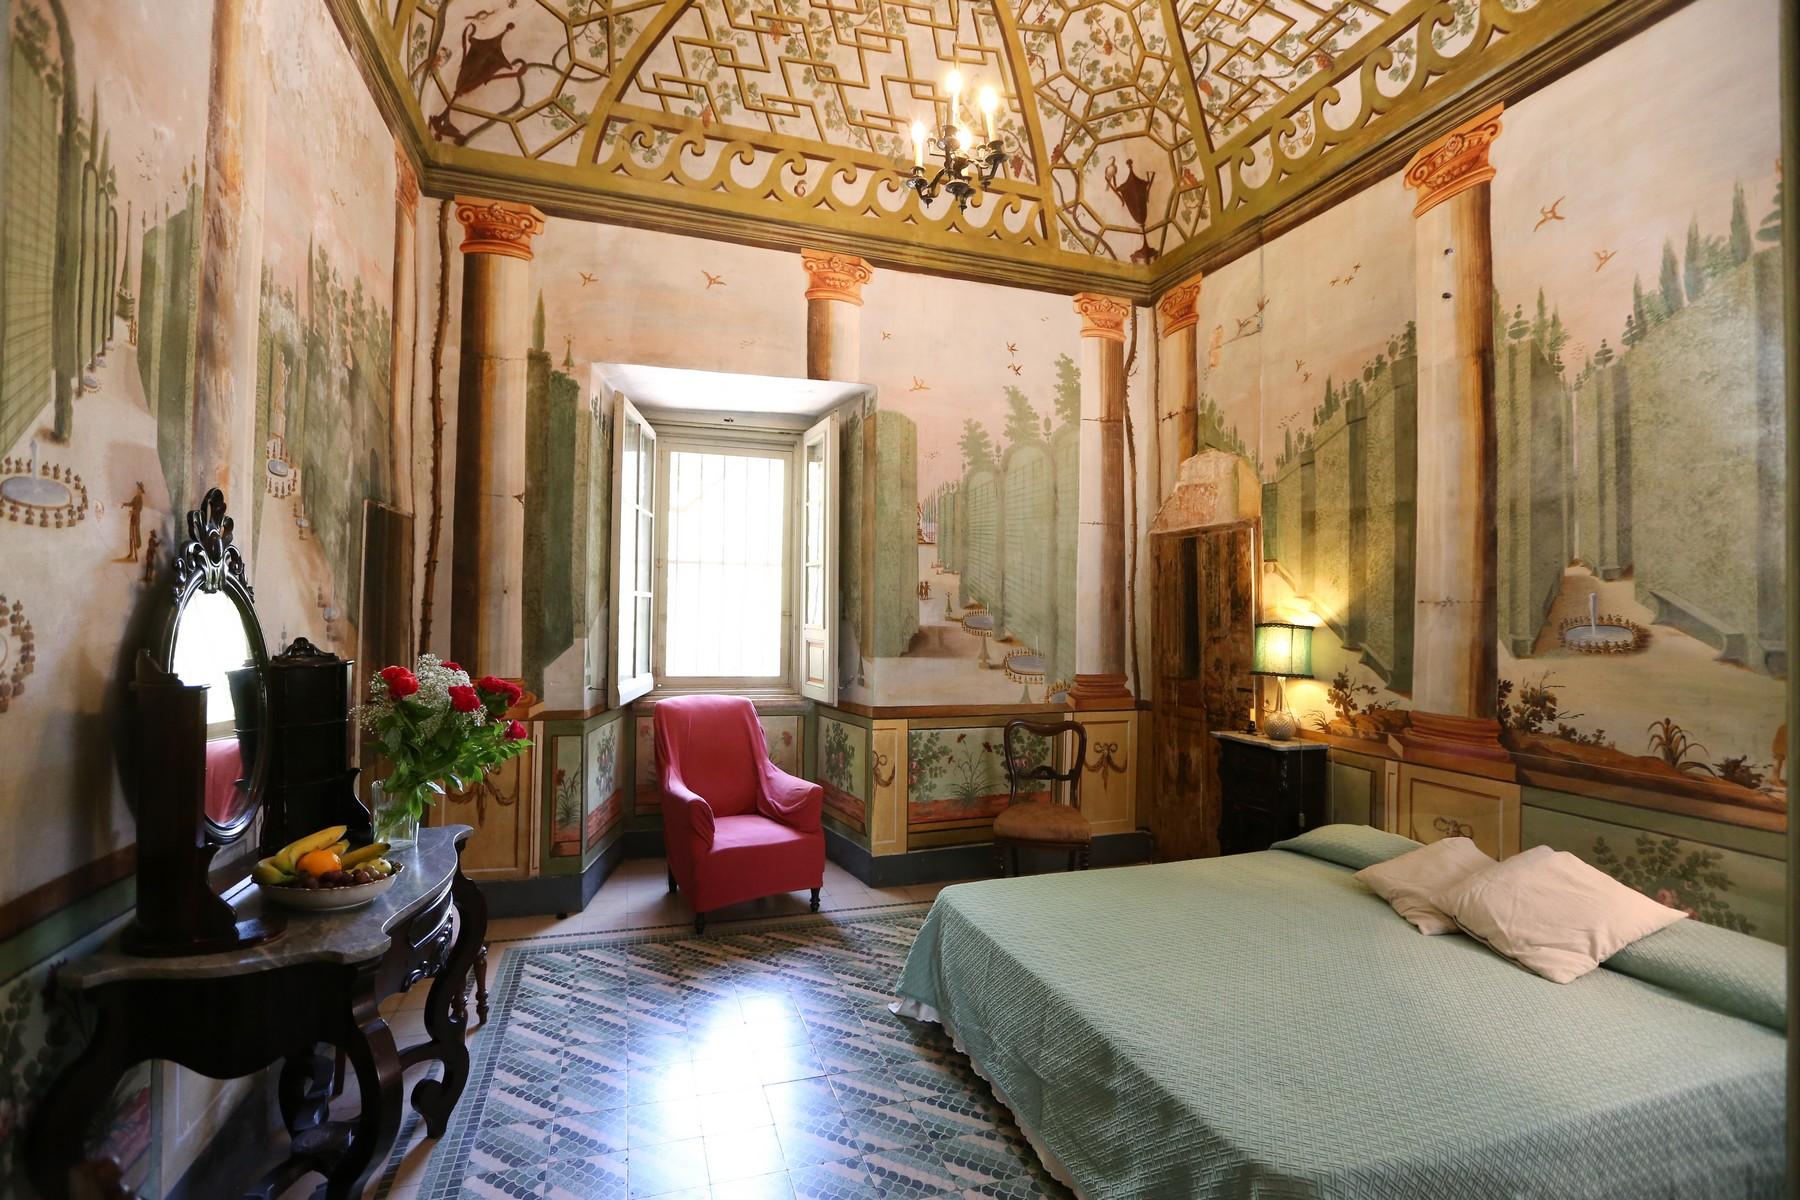 Additional photo for property listing at Villa Meo Evoli Contrada S. Oceano Monopoli, Bari 70043 Italien